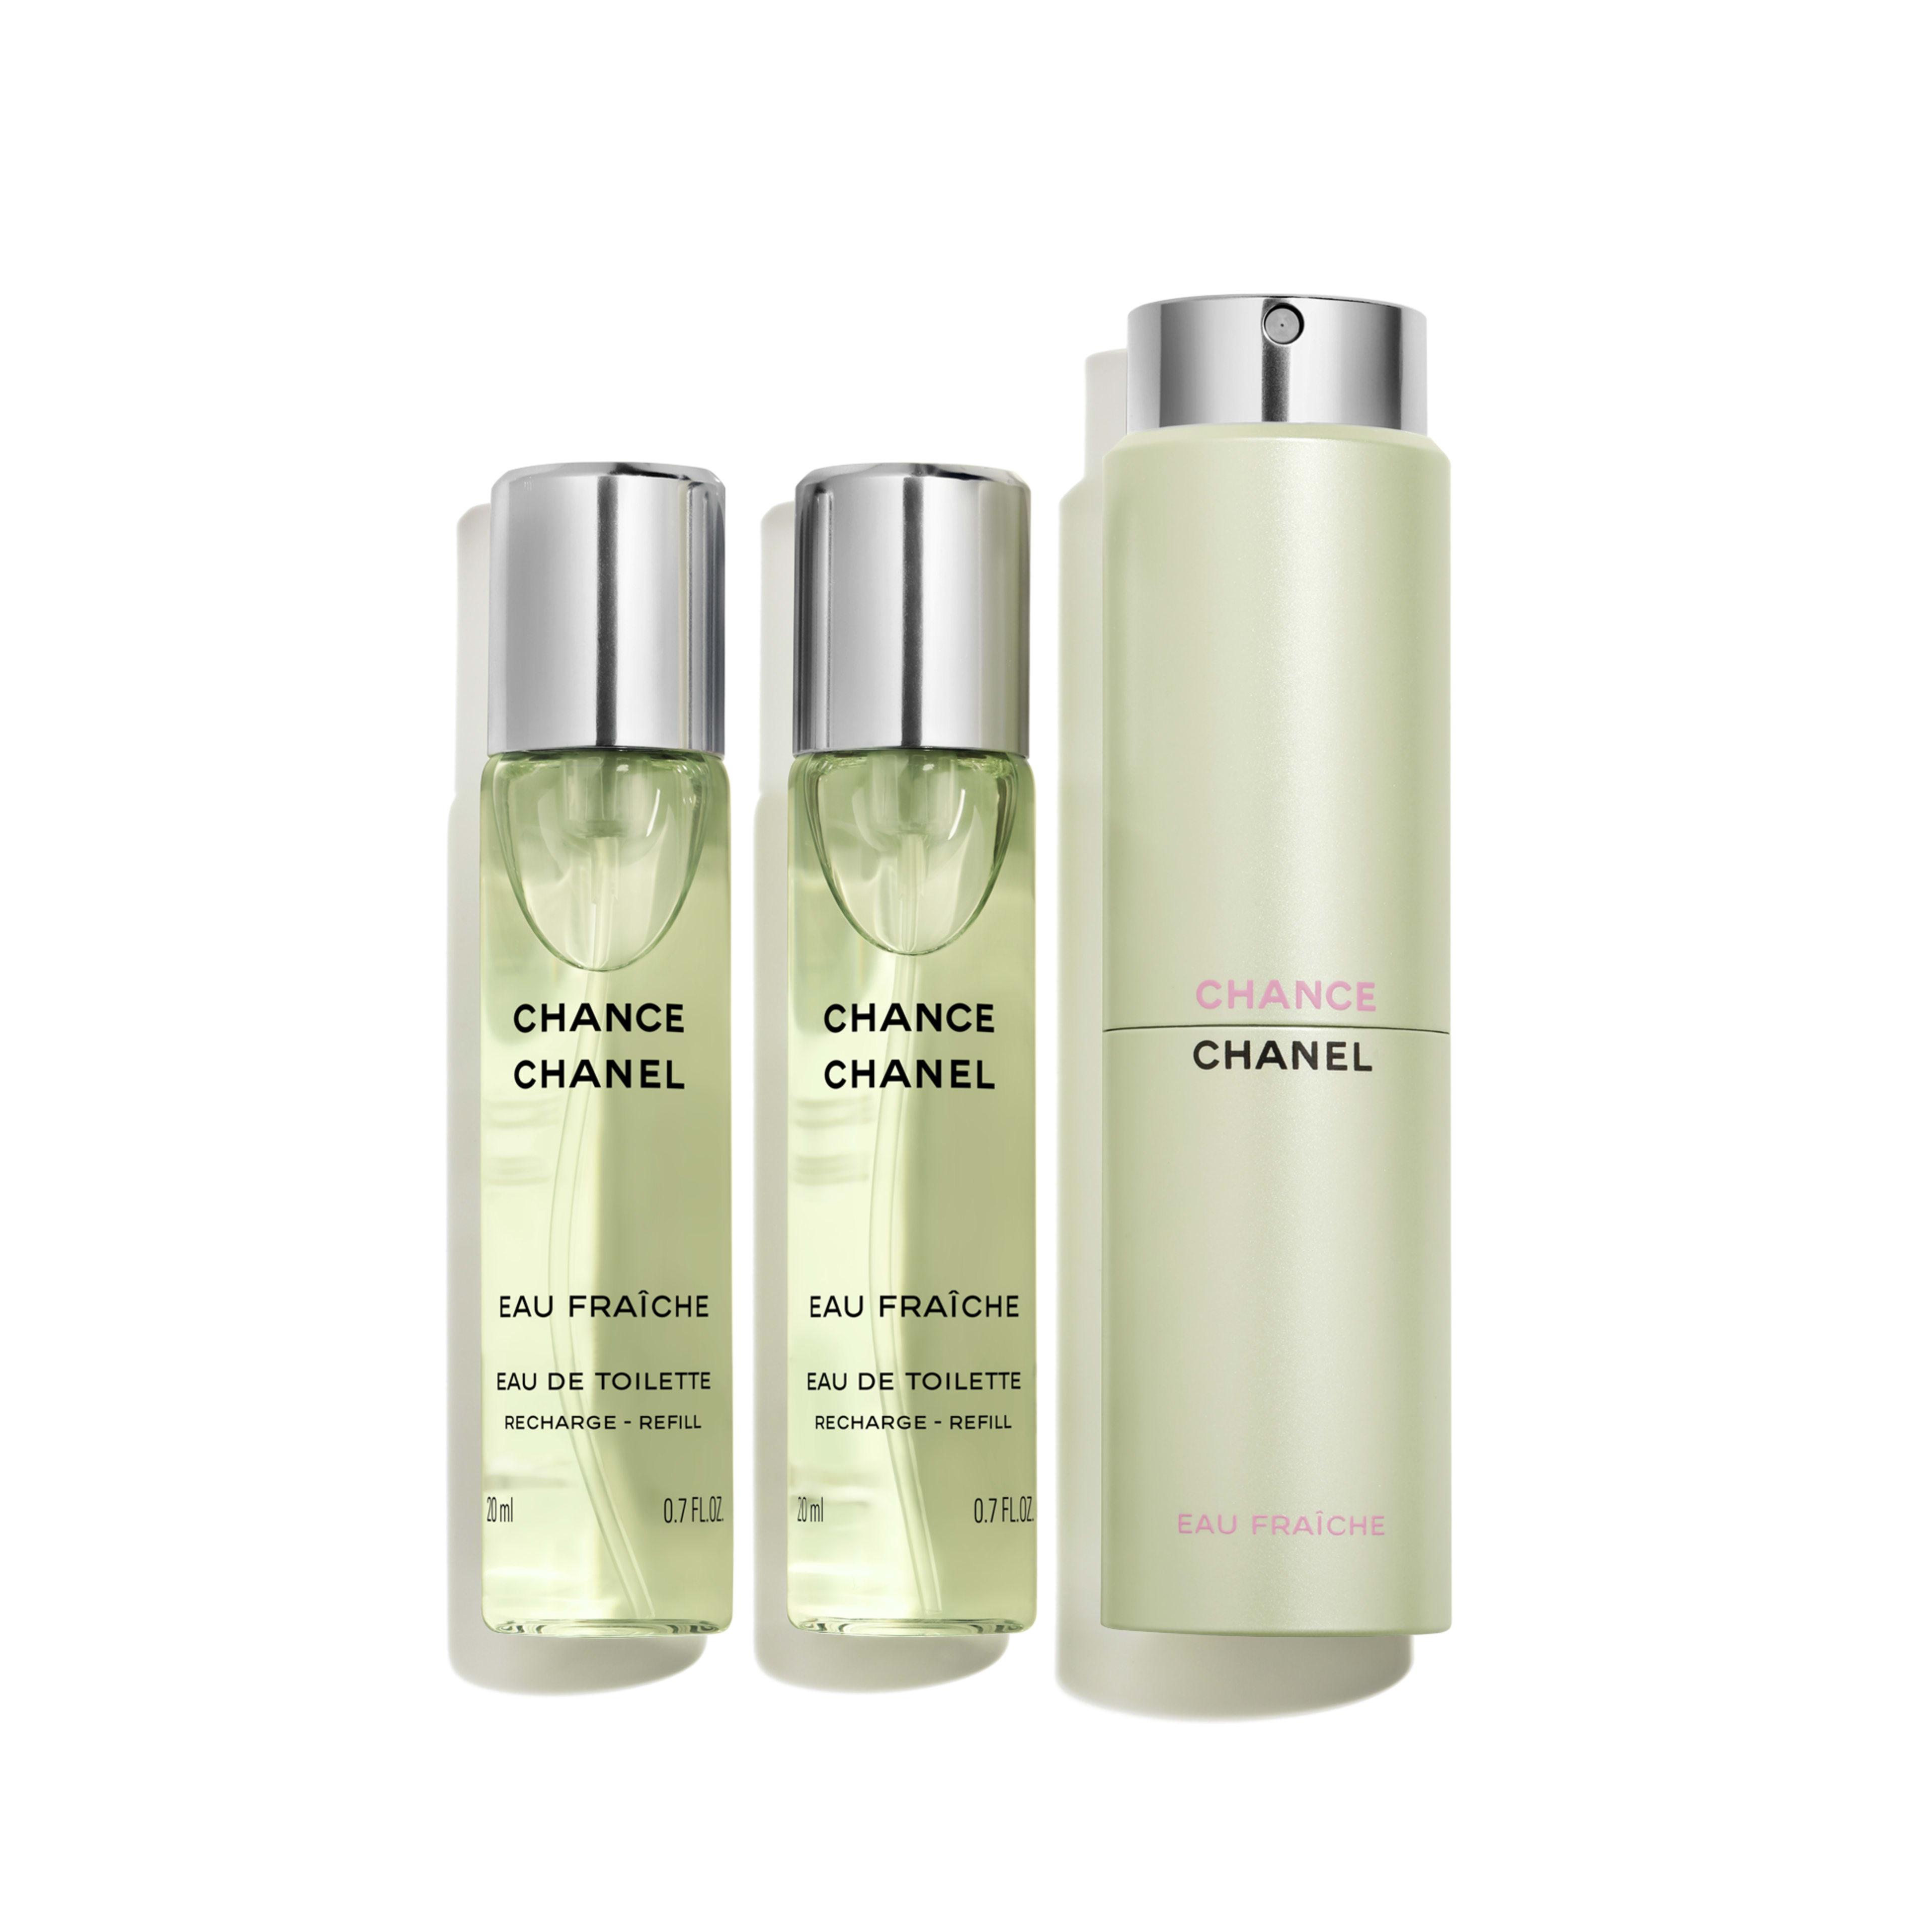 CHANCE EAU FRAÎCHE - fragrance - 3x20ml - Default view